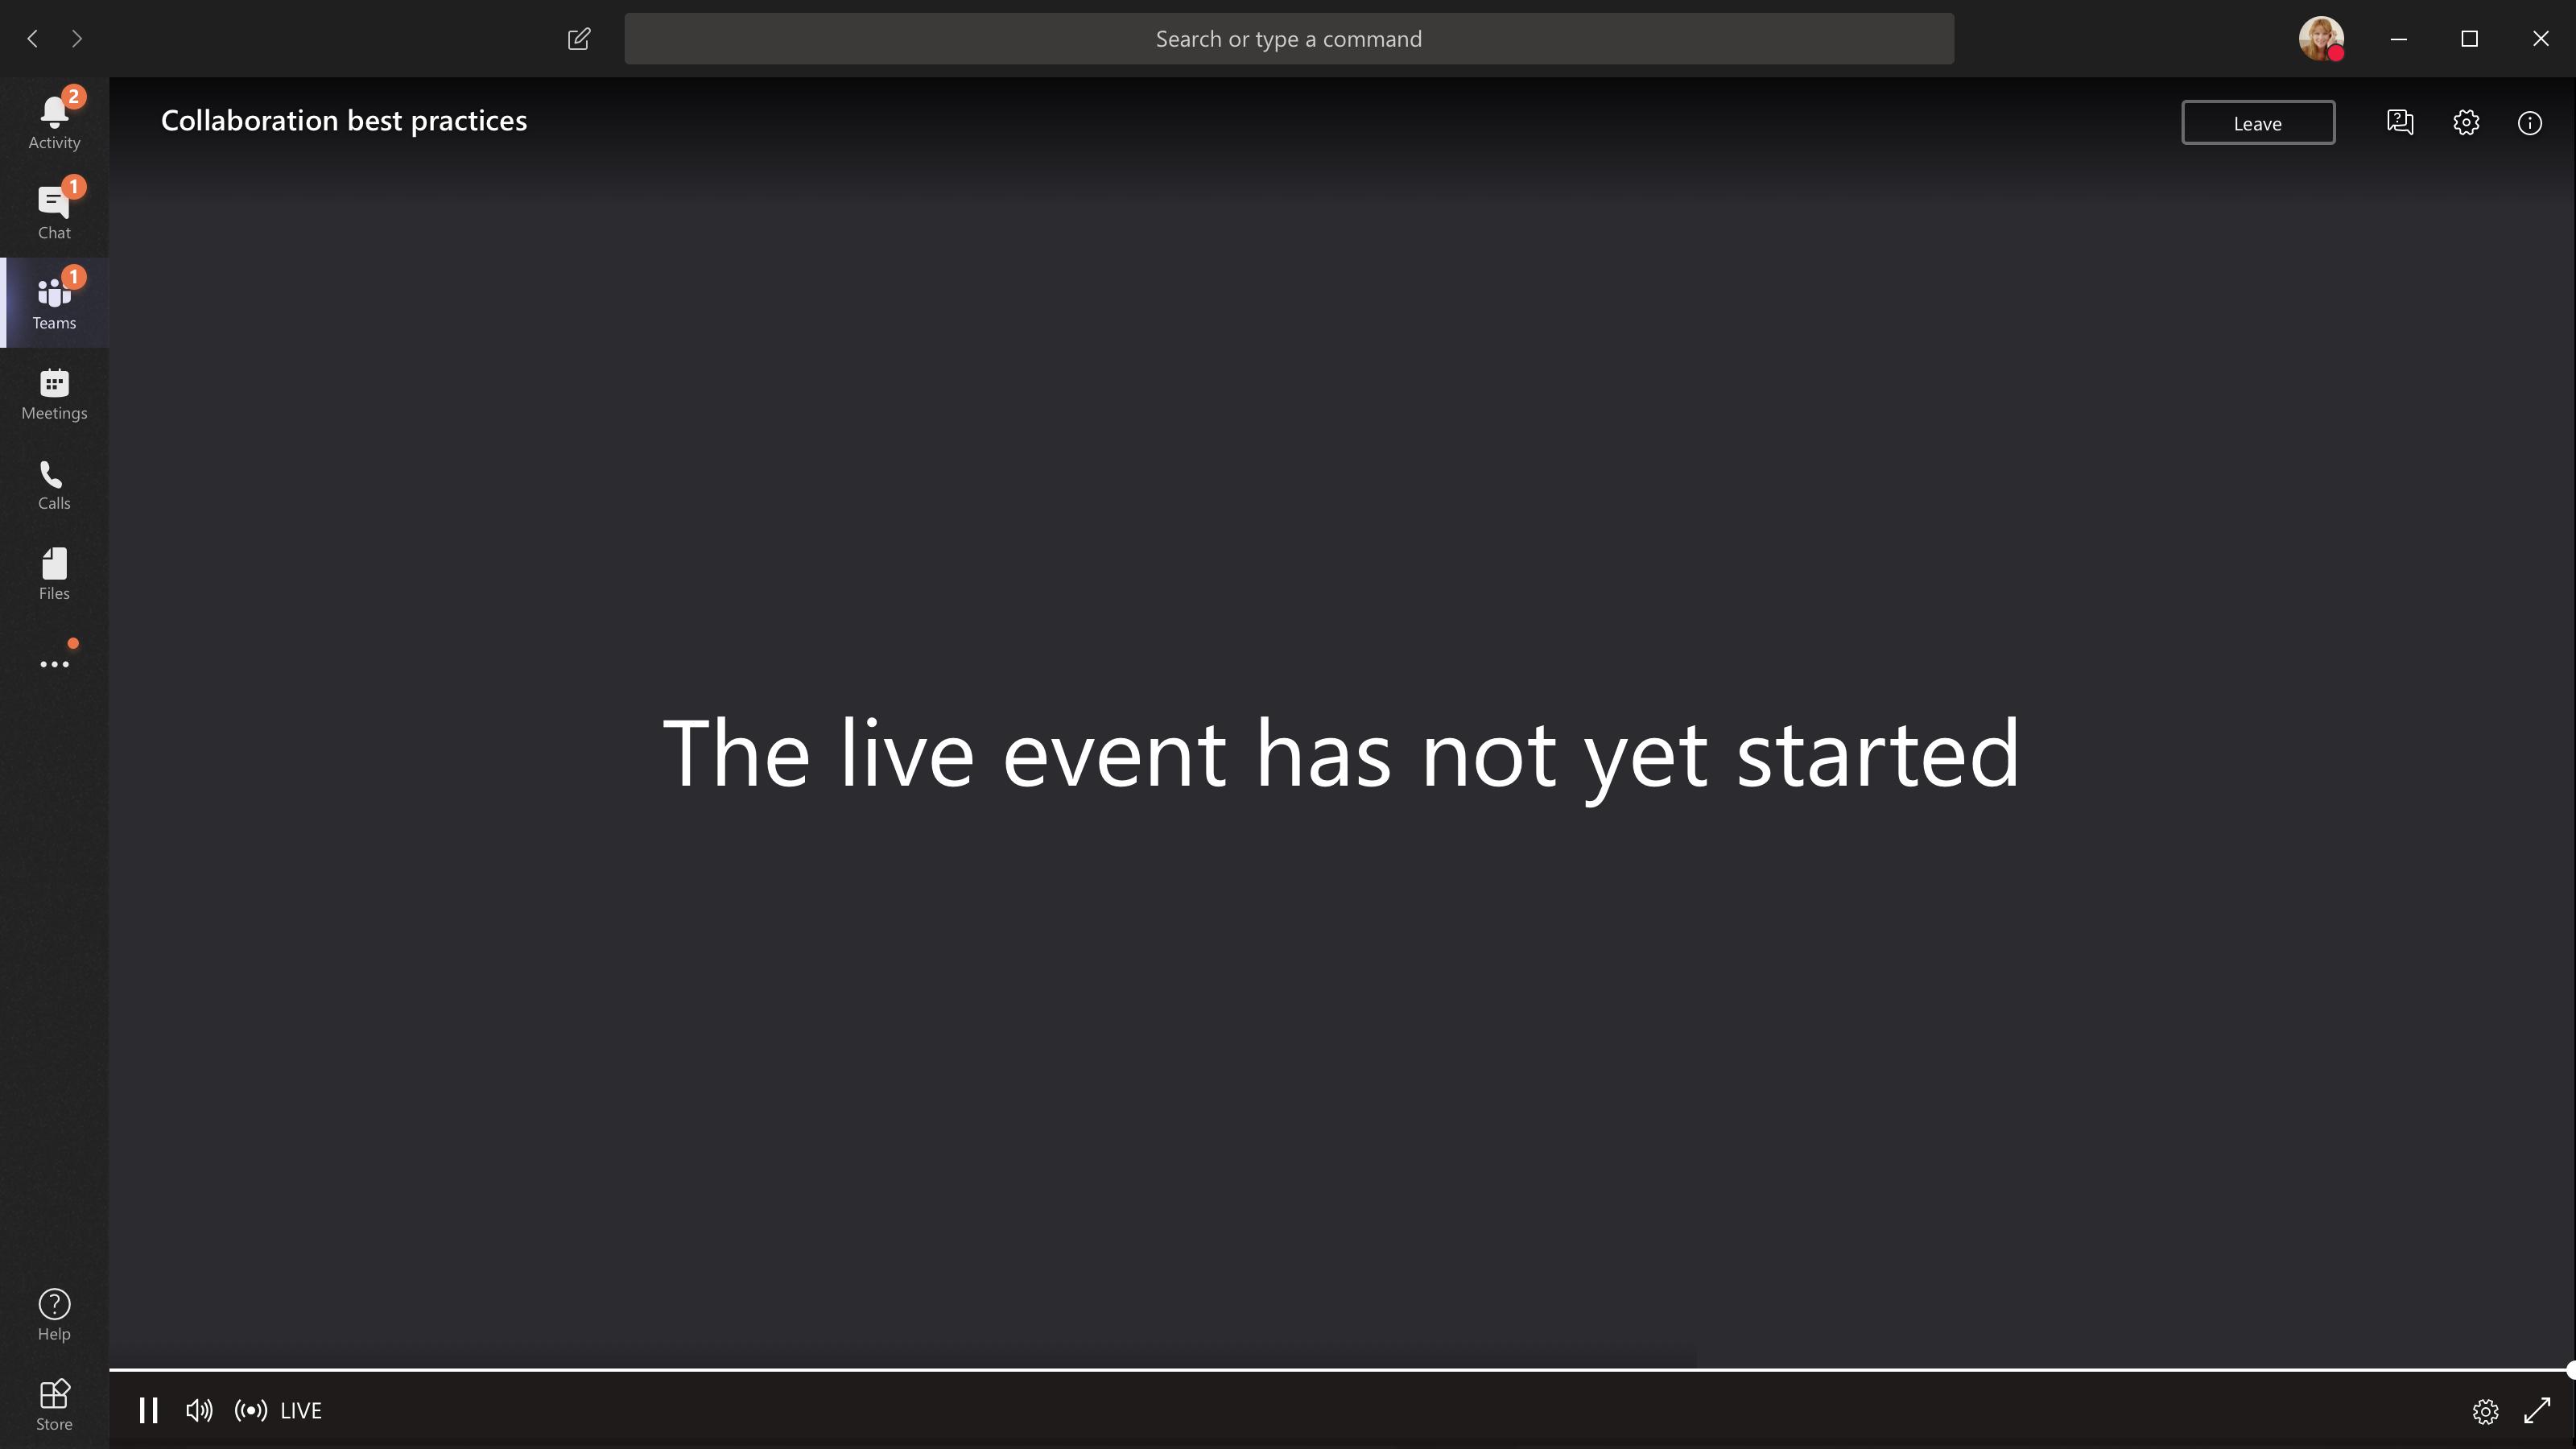 Događaj nije pokrenuto